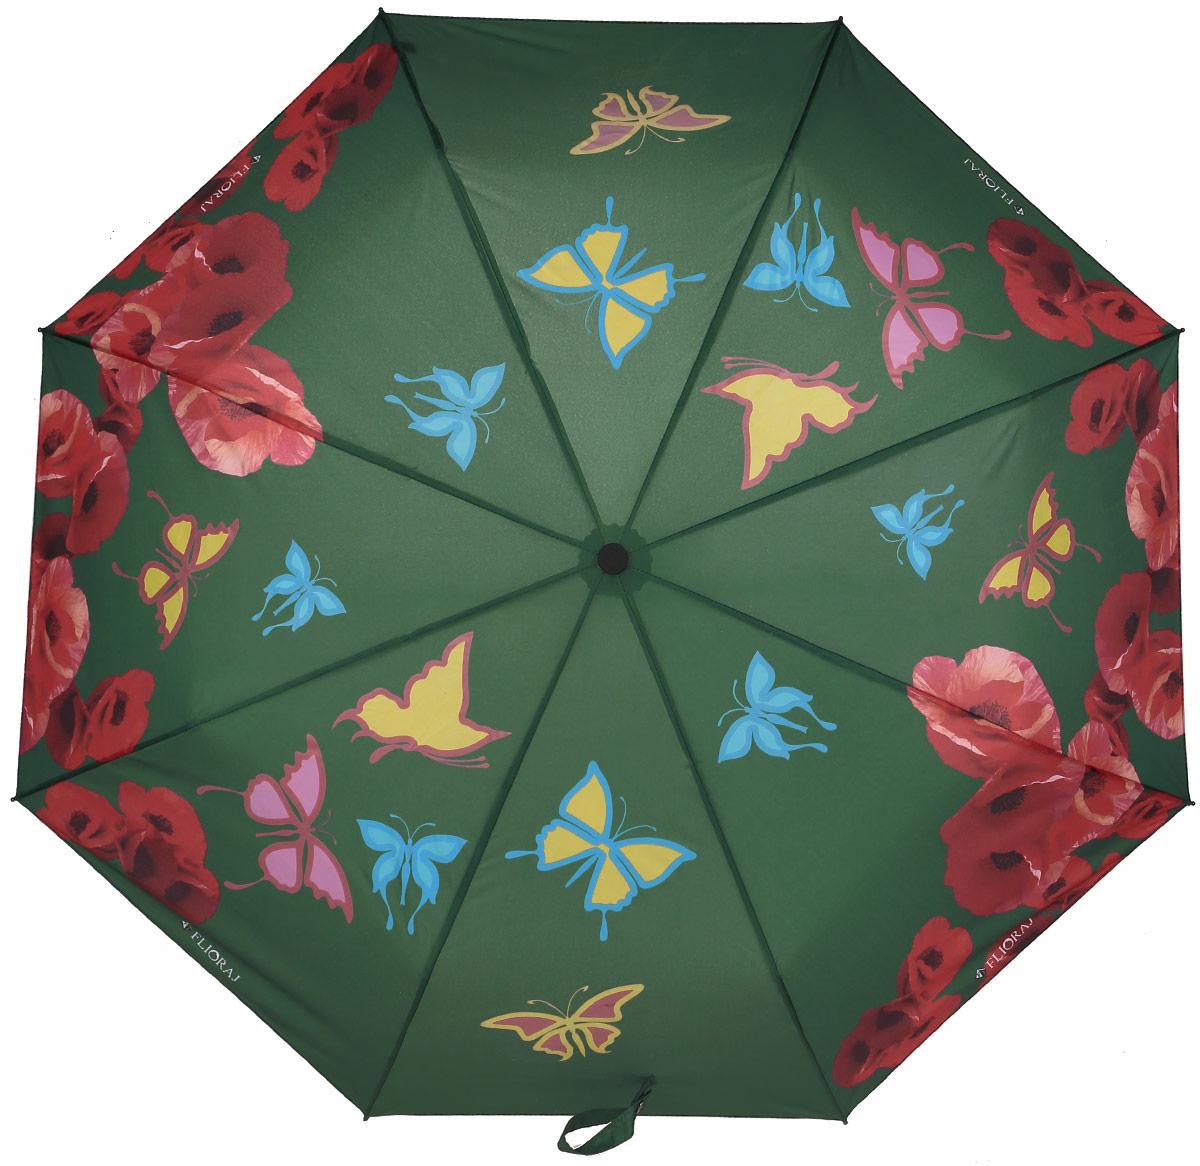 Зонт женский Flioraj, автомат, 3 сложения, цвет: зеленый, красный. 210203 FJ210203 FJНеобычный женский зонт расцветает яркими красками под каплями дождя! И вот уже у вас над головой закружил хоровод бабочек. Новый эффект проявления рисунка на разноцветных зонтах. Такого еще не было! Нежные женственные цветы и легкие бабочки придадут легкость вашему образу и весеннее настроение. А качественные материалы купола и каркаса обеспечат надежную защиту. Когда разноцветные элементы вновь становятся белыми, это означает, что зонт полностью высох, и его можно складывать. Уникальный каркас из анодированной стали, карбоновые спицы помогут выдержать натиск ураганного ветра. Оснащен системой антиветер. Улучшенный механизм зонта, максимально комфортная ручка держателя, увеличенный на 4,5 см стержень, тефлоновая пропитка материала купола - совершенство конструкции с изысканностью изделия на фоне конкурентоспособной цены.